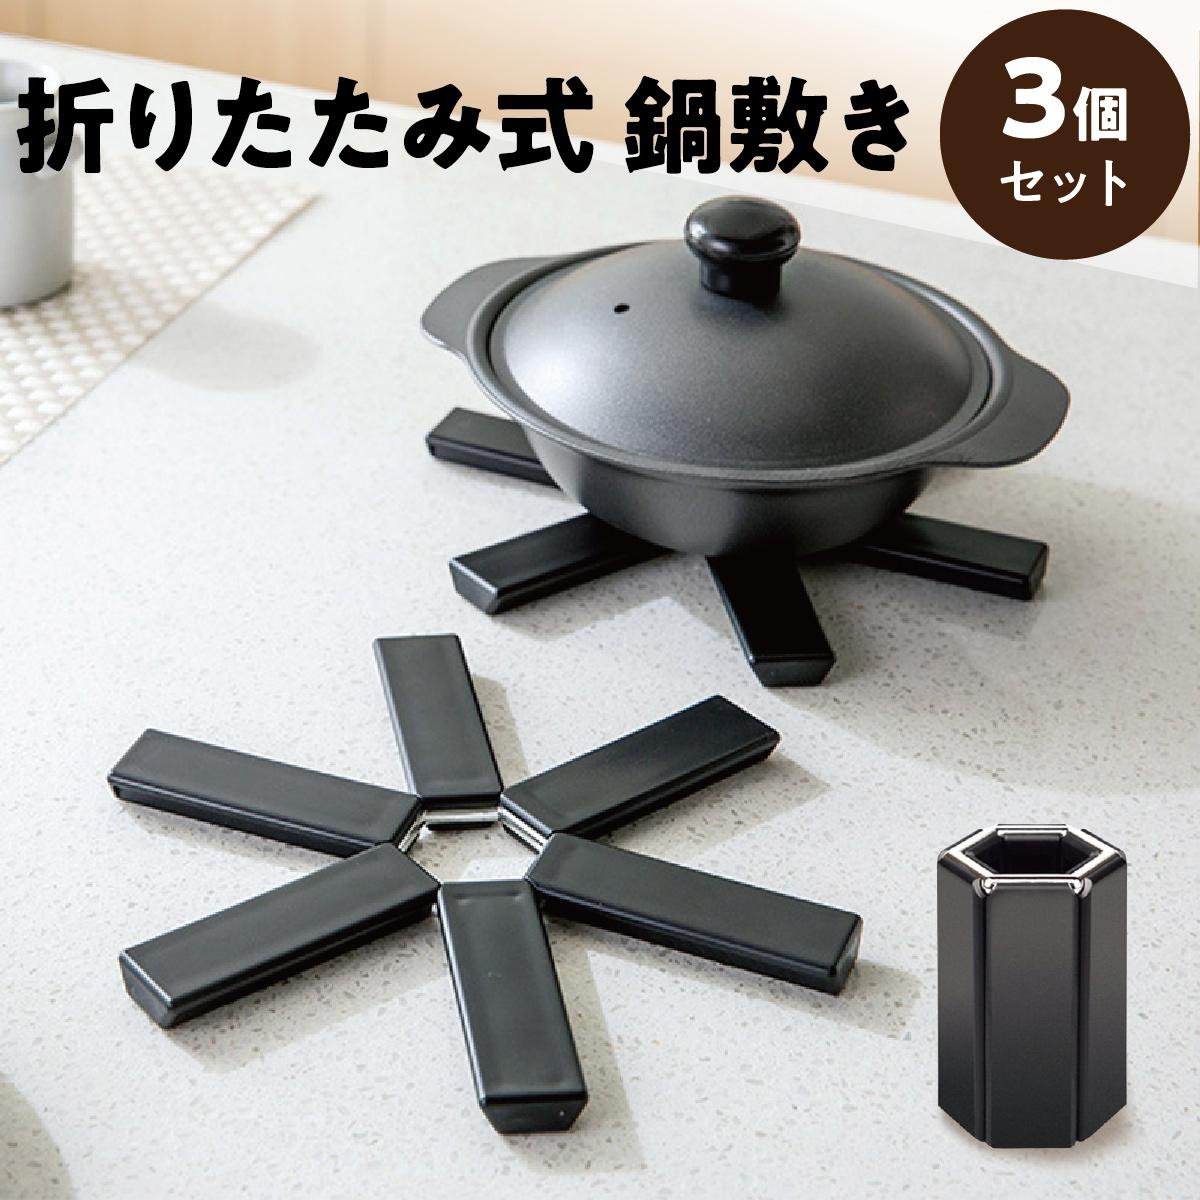 折りたたみ式 鍋敷き 3個セット 場所を取らない 簡単便利 おしゃれ 北欧 キッチン雑貨 便利グッズ pot-mat 高品質 鍋置き ポットマット 新作アイテム毎日更新